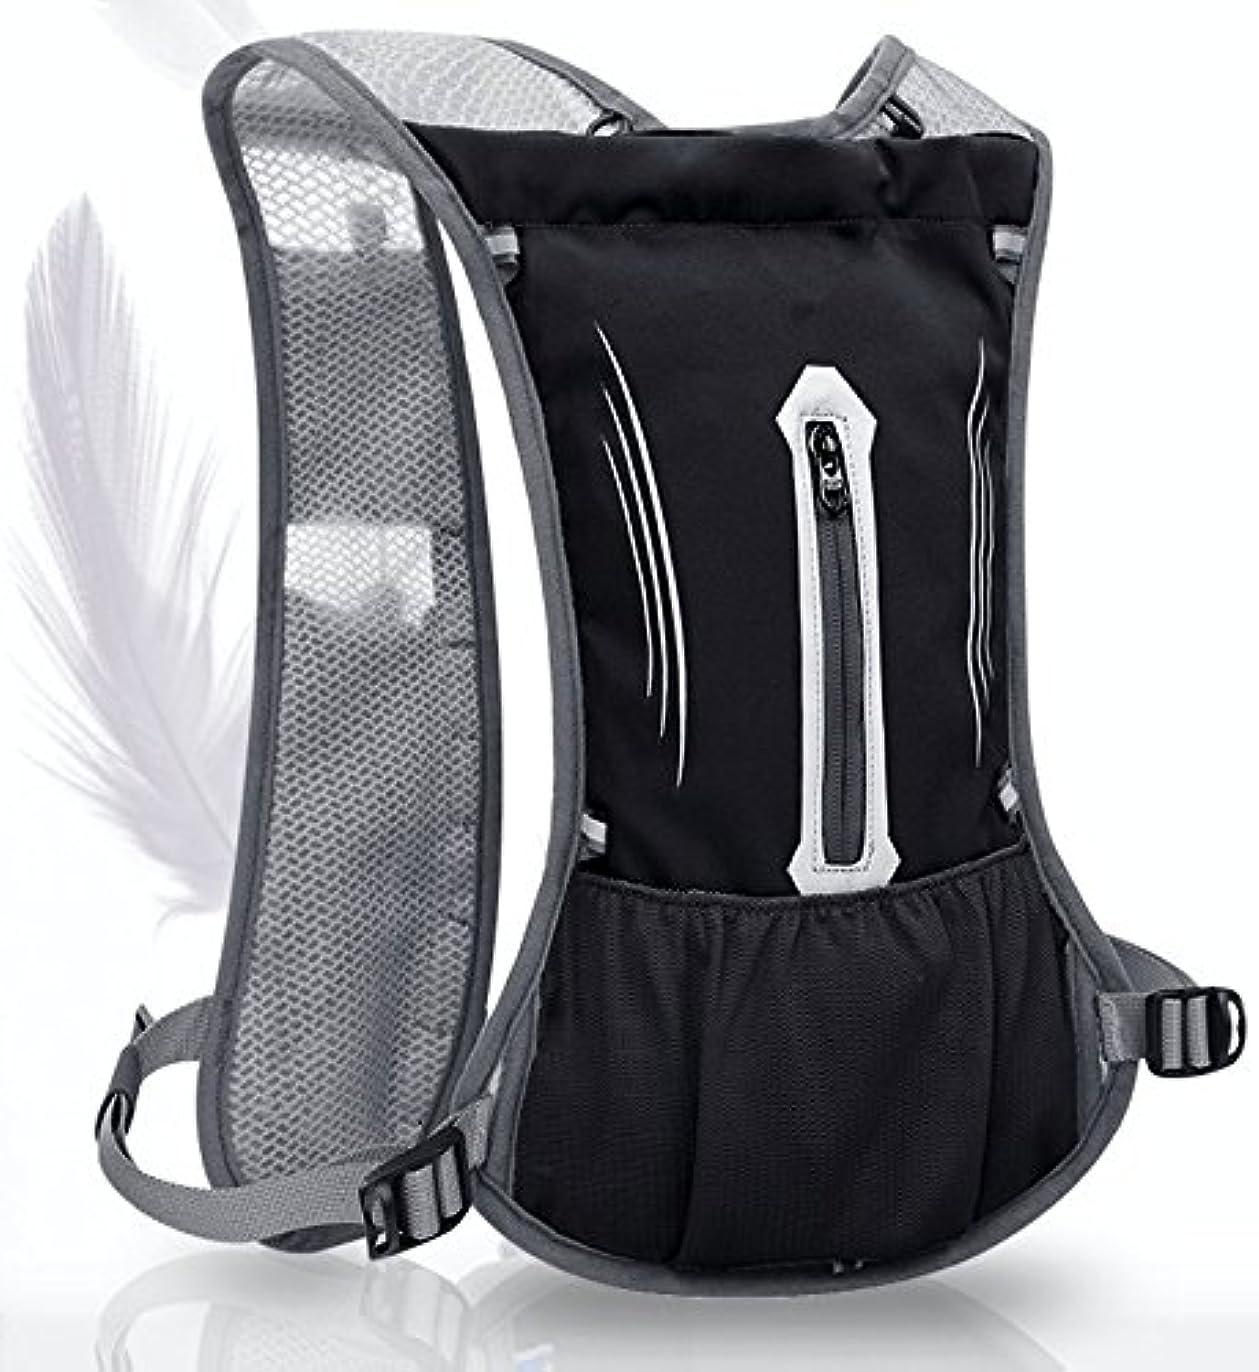 小売無関心釈義ANOTHER DIMENSION [超軽量190g] ランニングバッグ ランニングリュック サイクリングバッグ サイクリングリュック ハイドレーションバッグ